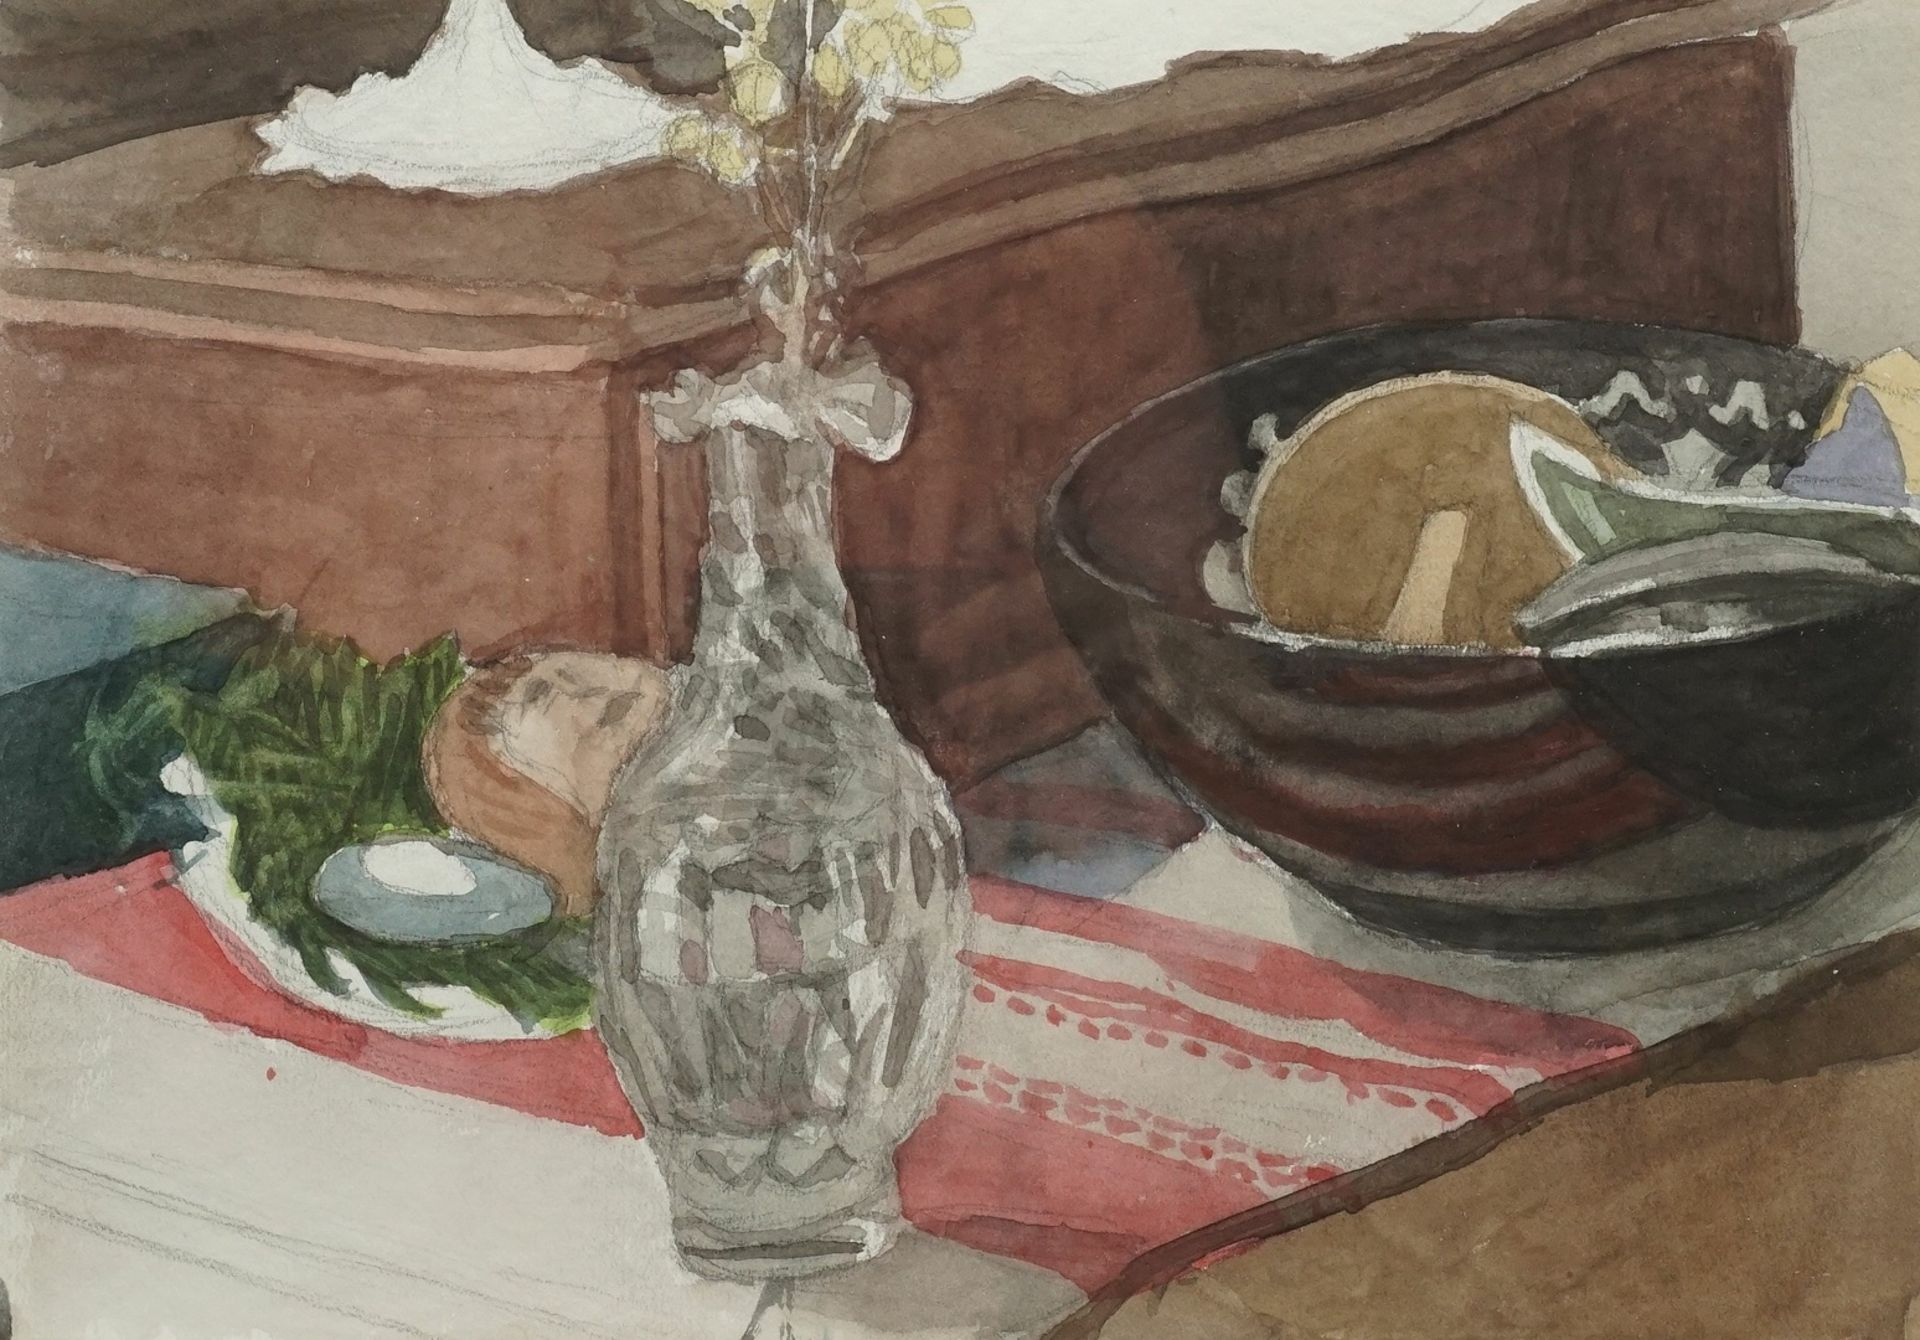 Franz Werneke, Wohnzimmerstillleben mit Glasvase